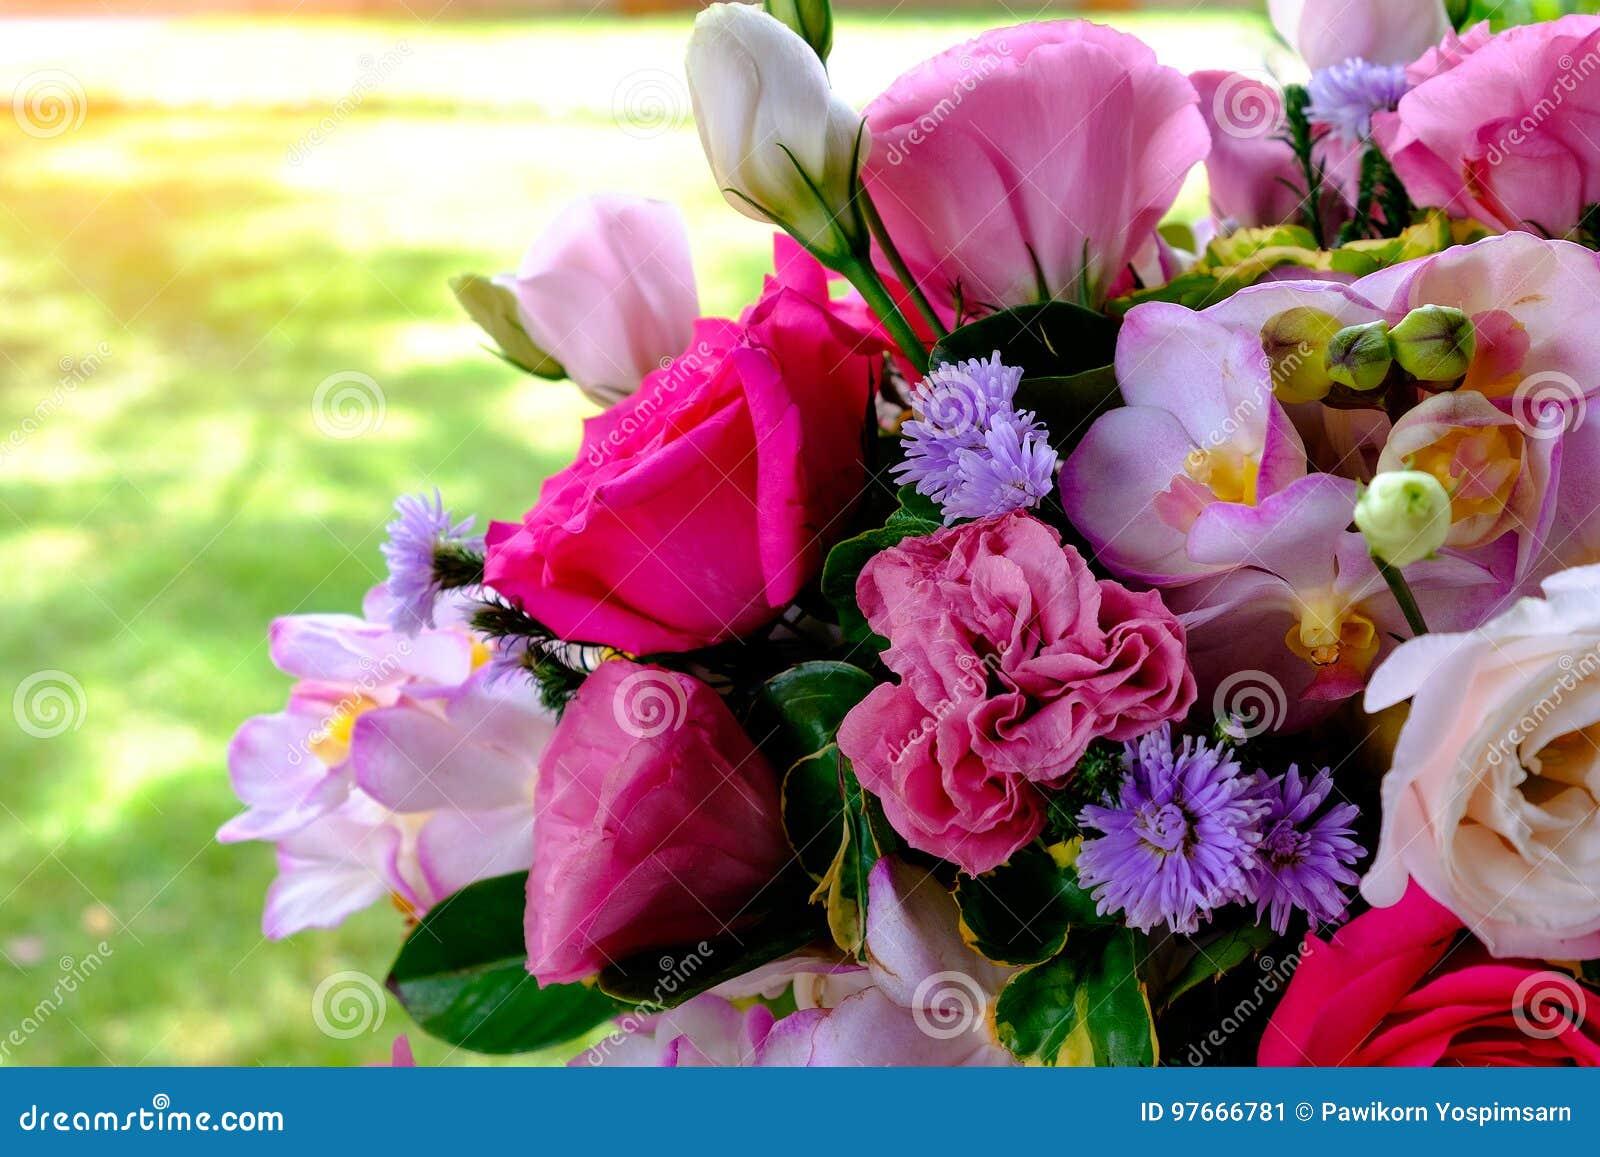 Das Bild des bunten Orchideenblumenblumenstraußes mit Unschärfehintergrund